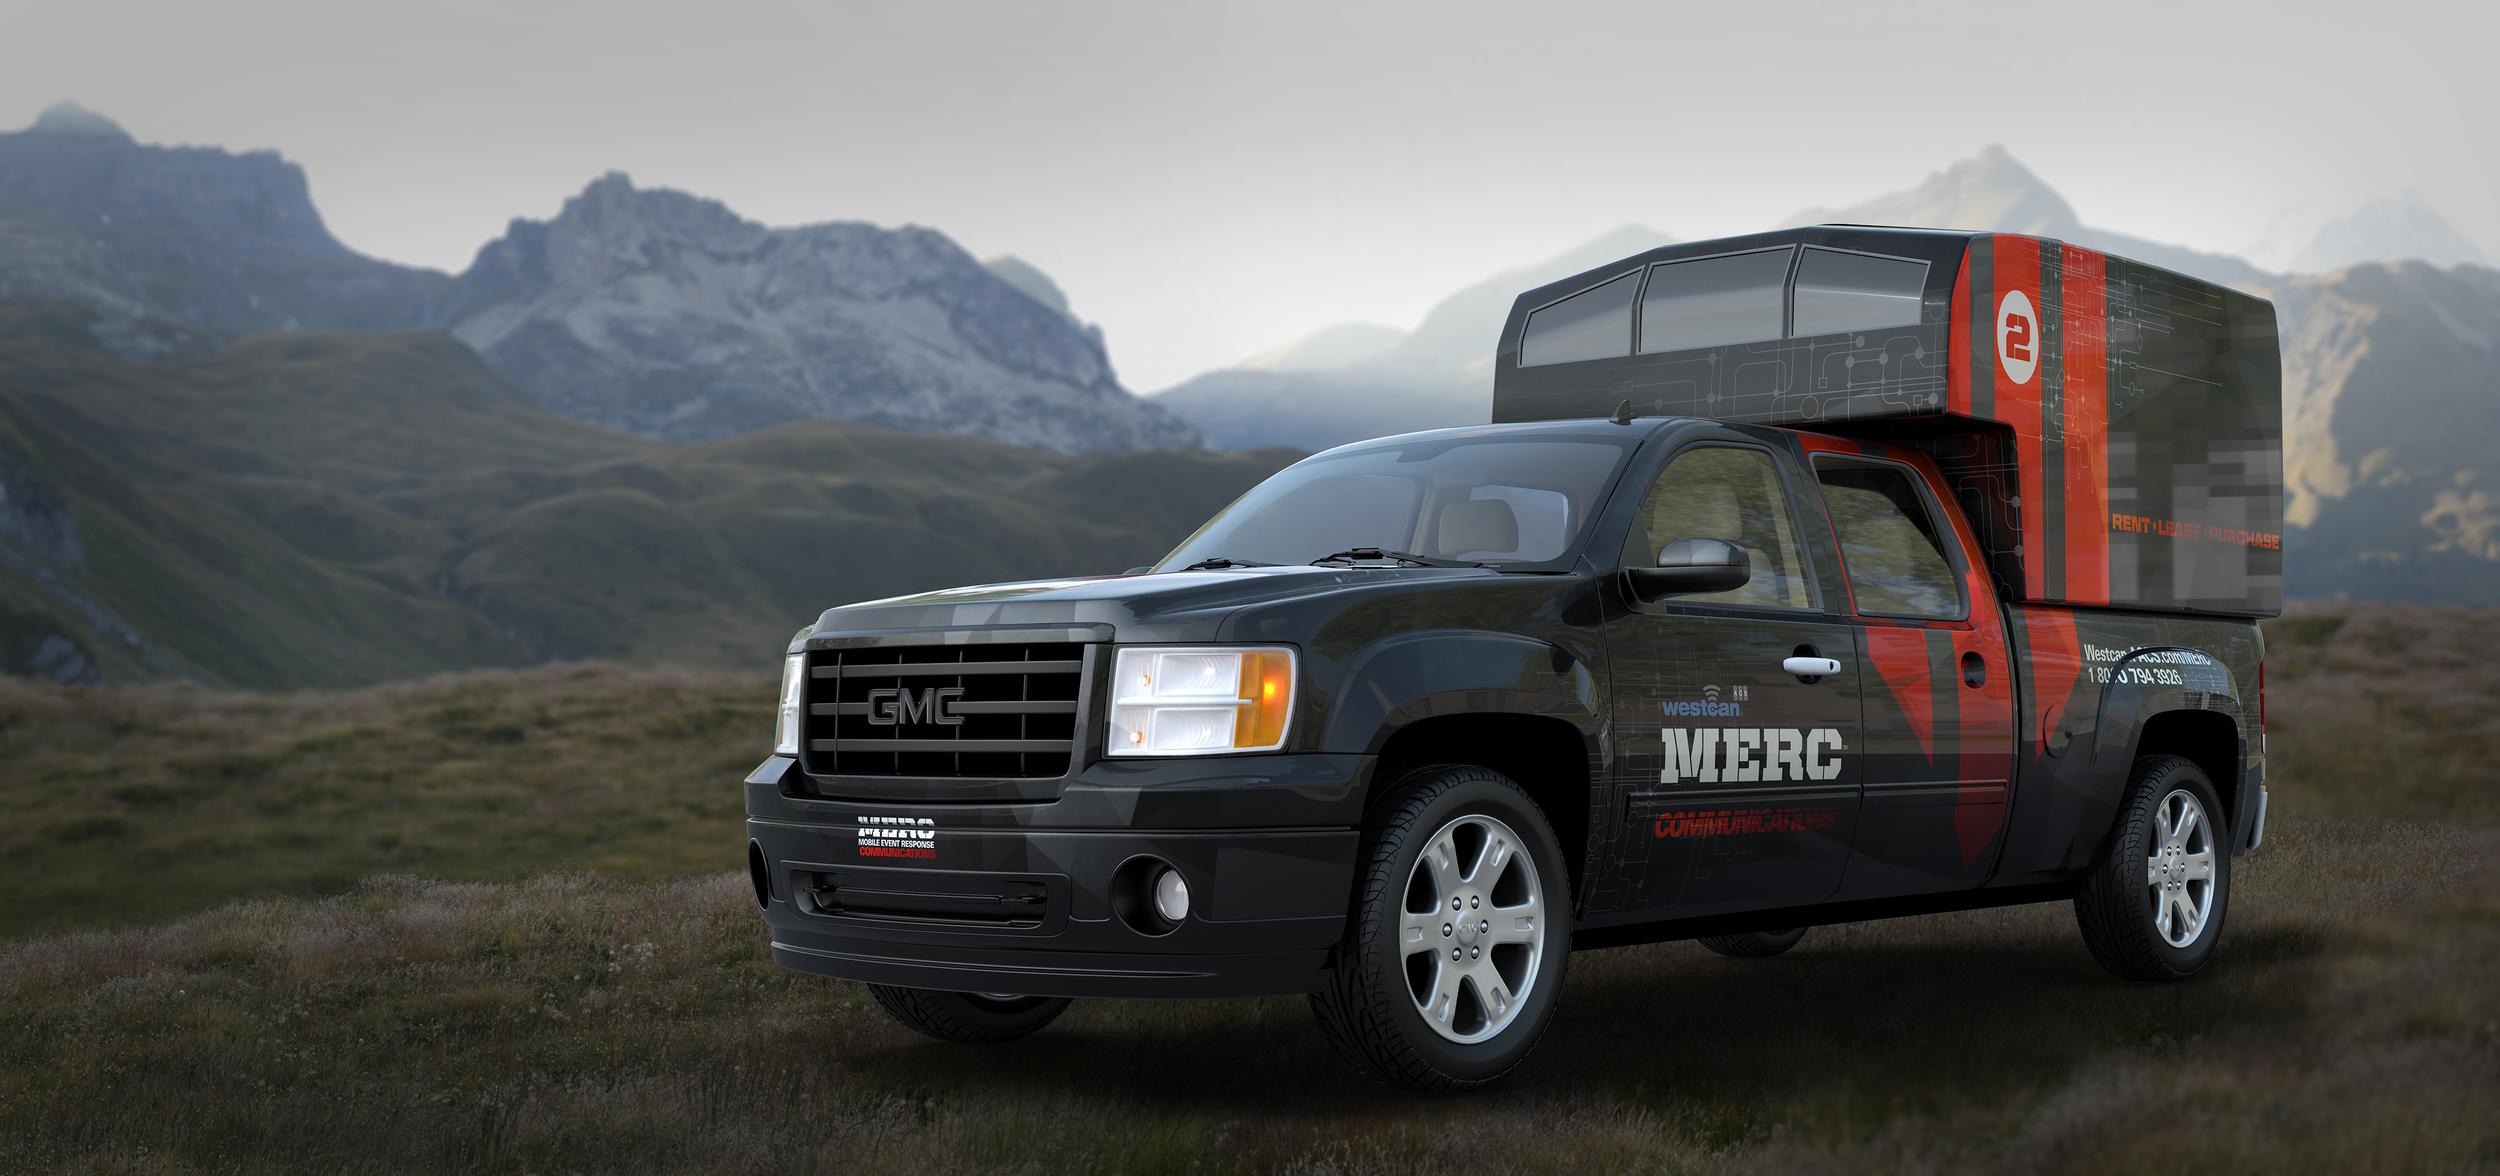 truck + topper banner size f.jpg